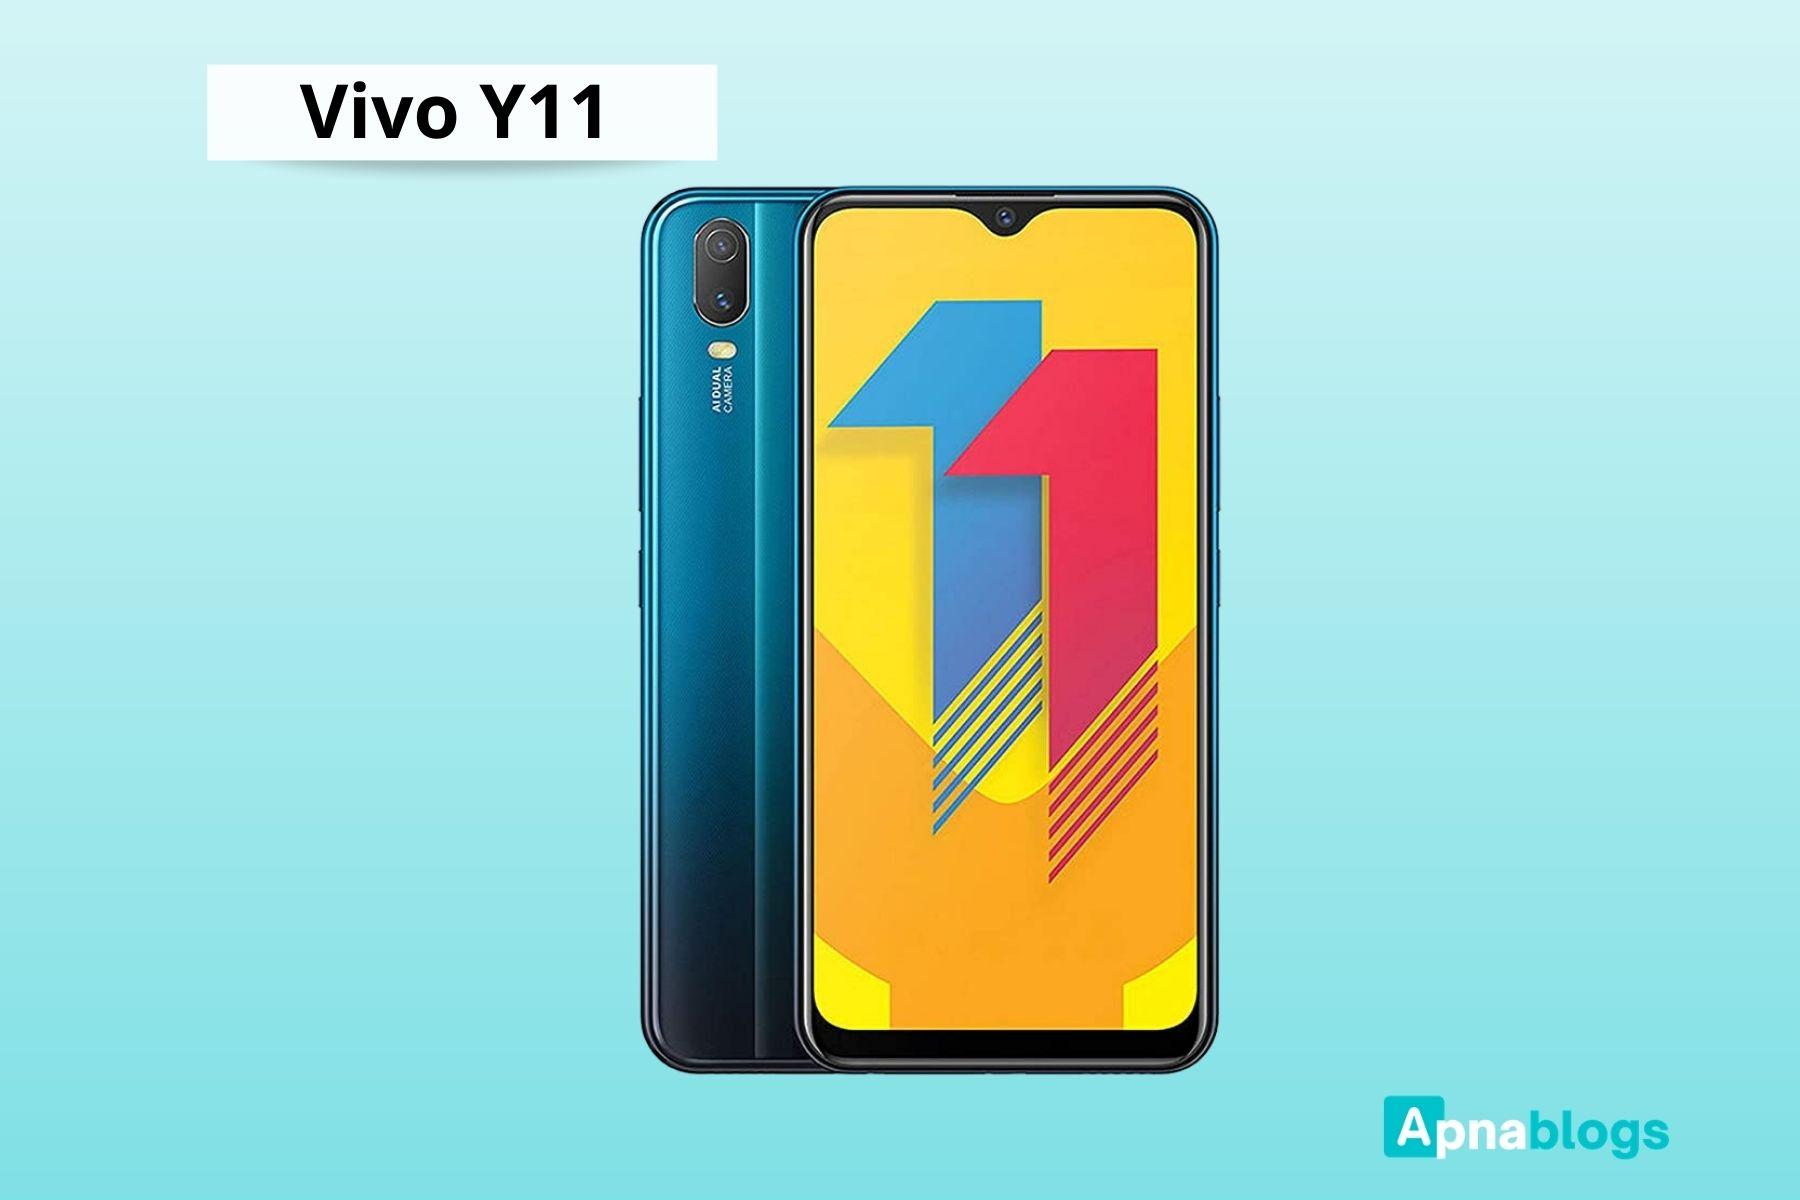 Vivo Y11